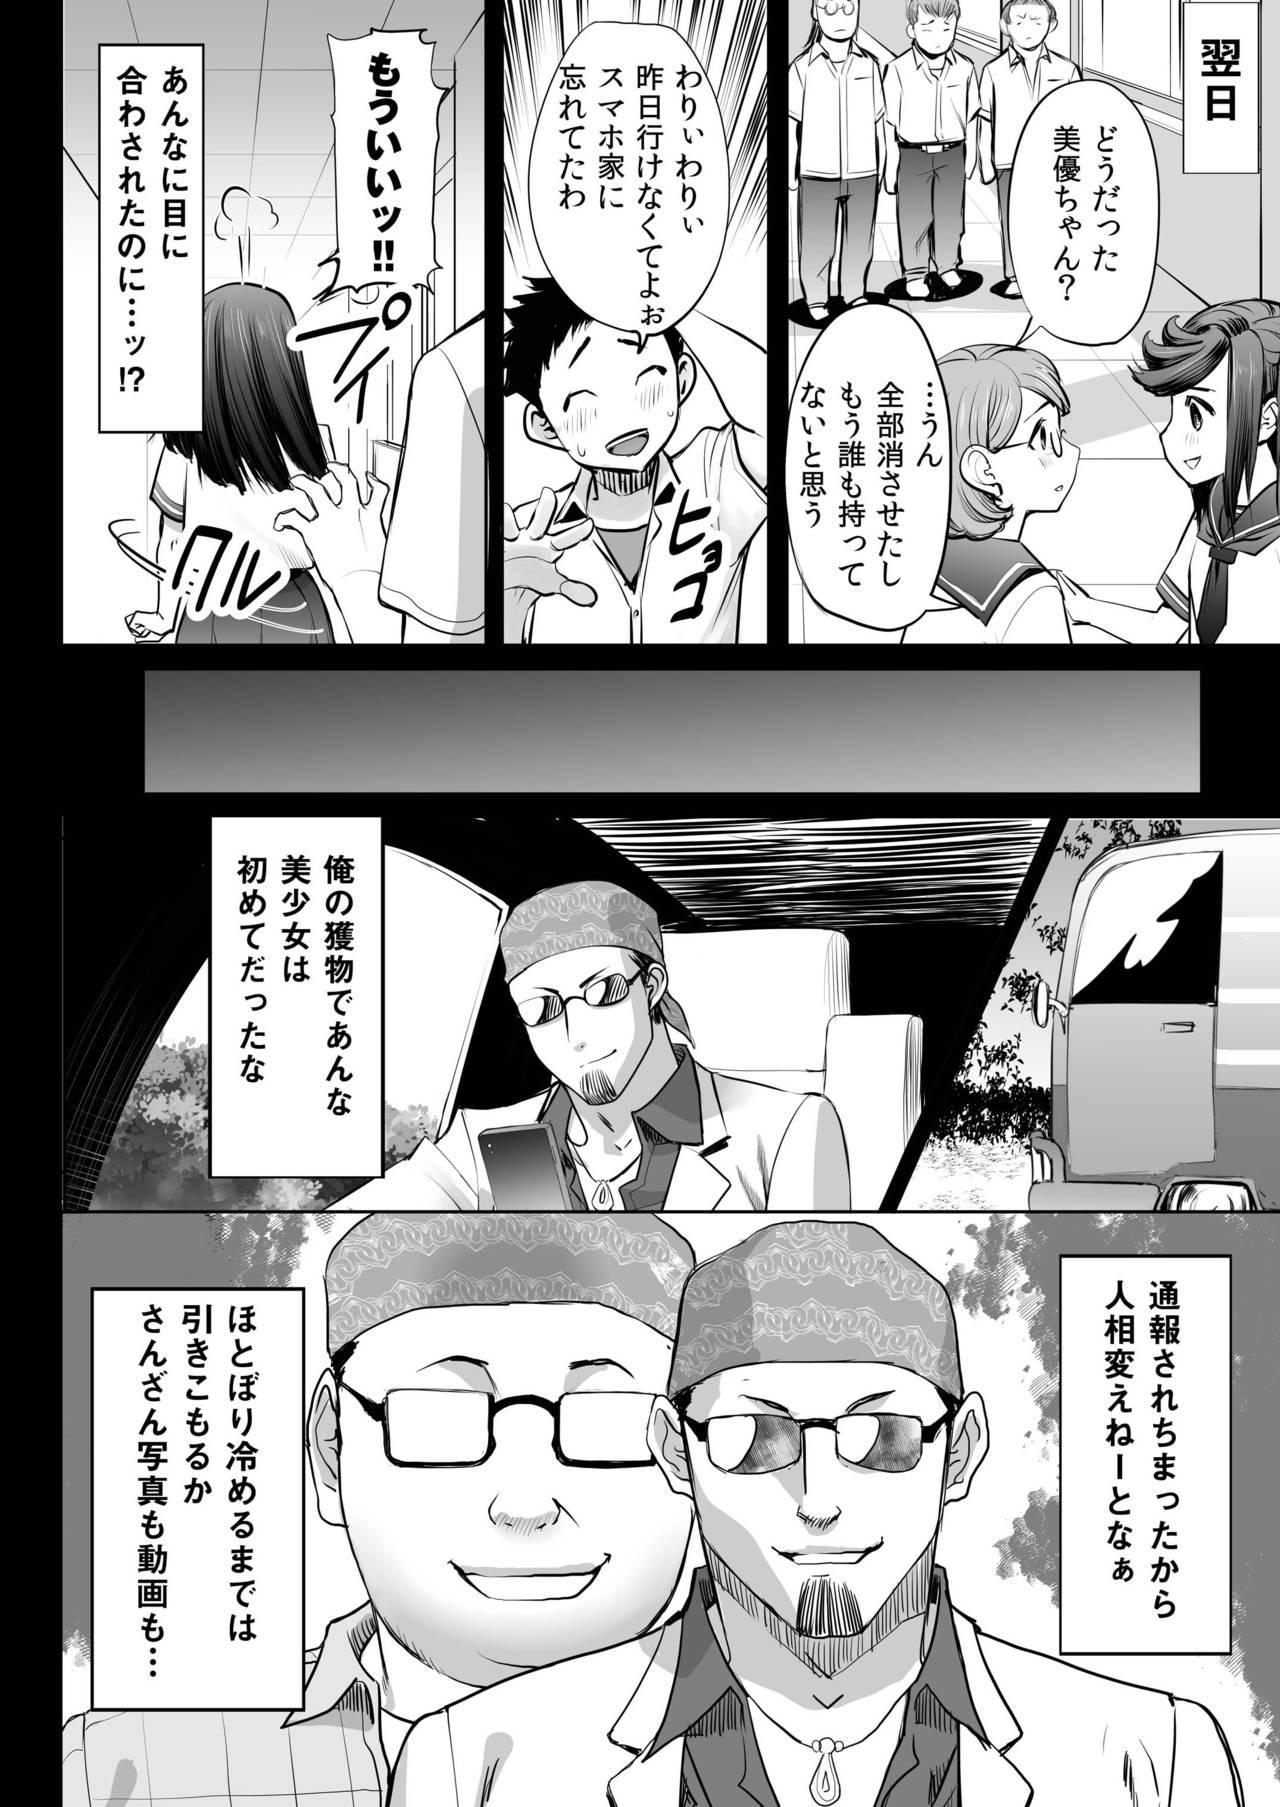 Aoi Tsubomi ga Saku Mae ni Hantoshi mae no deki-goto 23